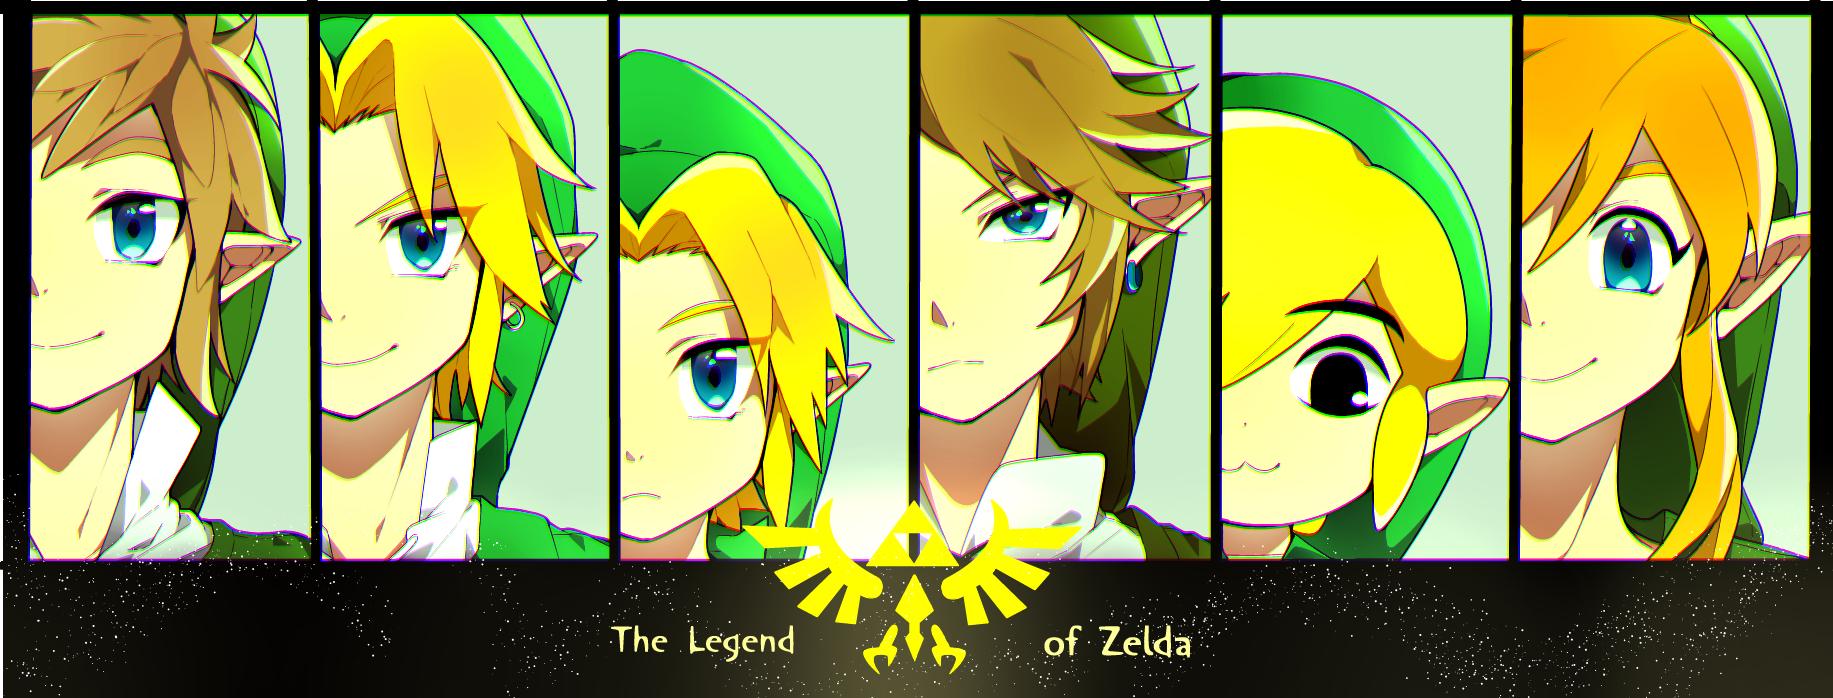 Zelda no Densetsu The Legend Of Zelda Image 1812364  Zerochan